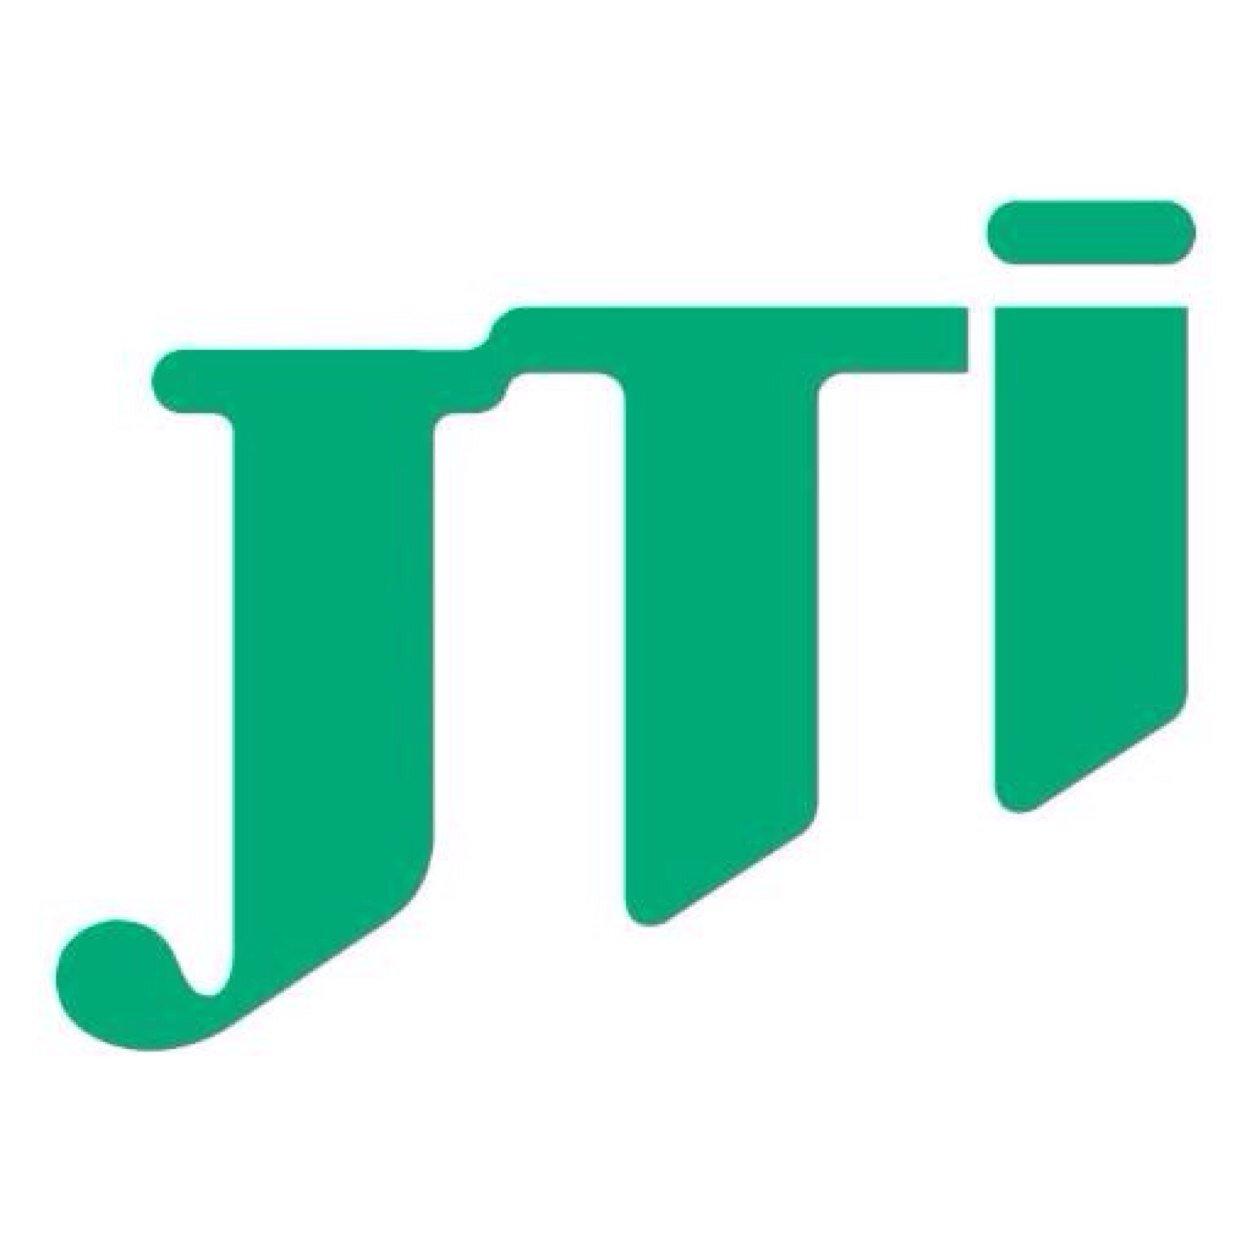 شركة جابان توباكو انترناشيونال (جى تى اى) تطرح منتج